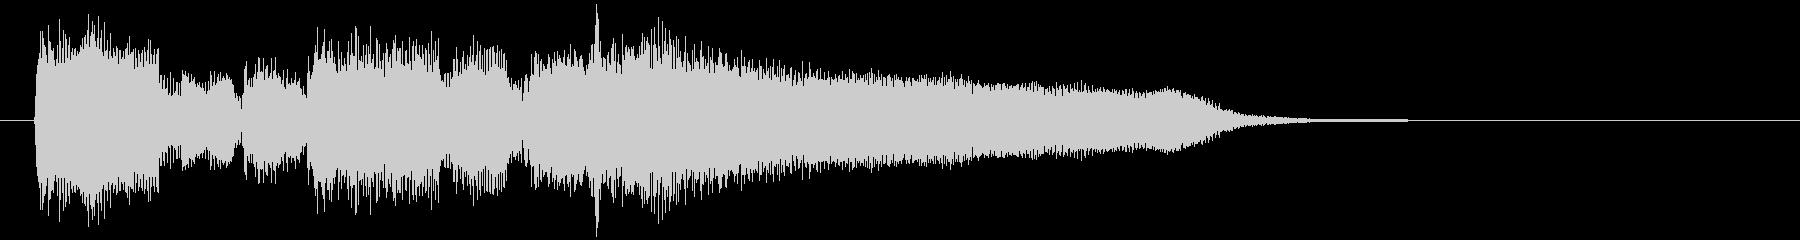 切ない夕暮れ系、リコーダーのサウンドロゴの未再生の波形